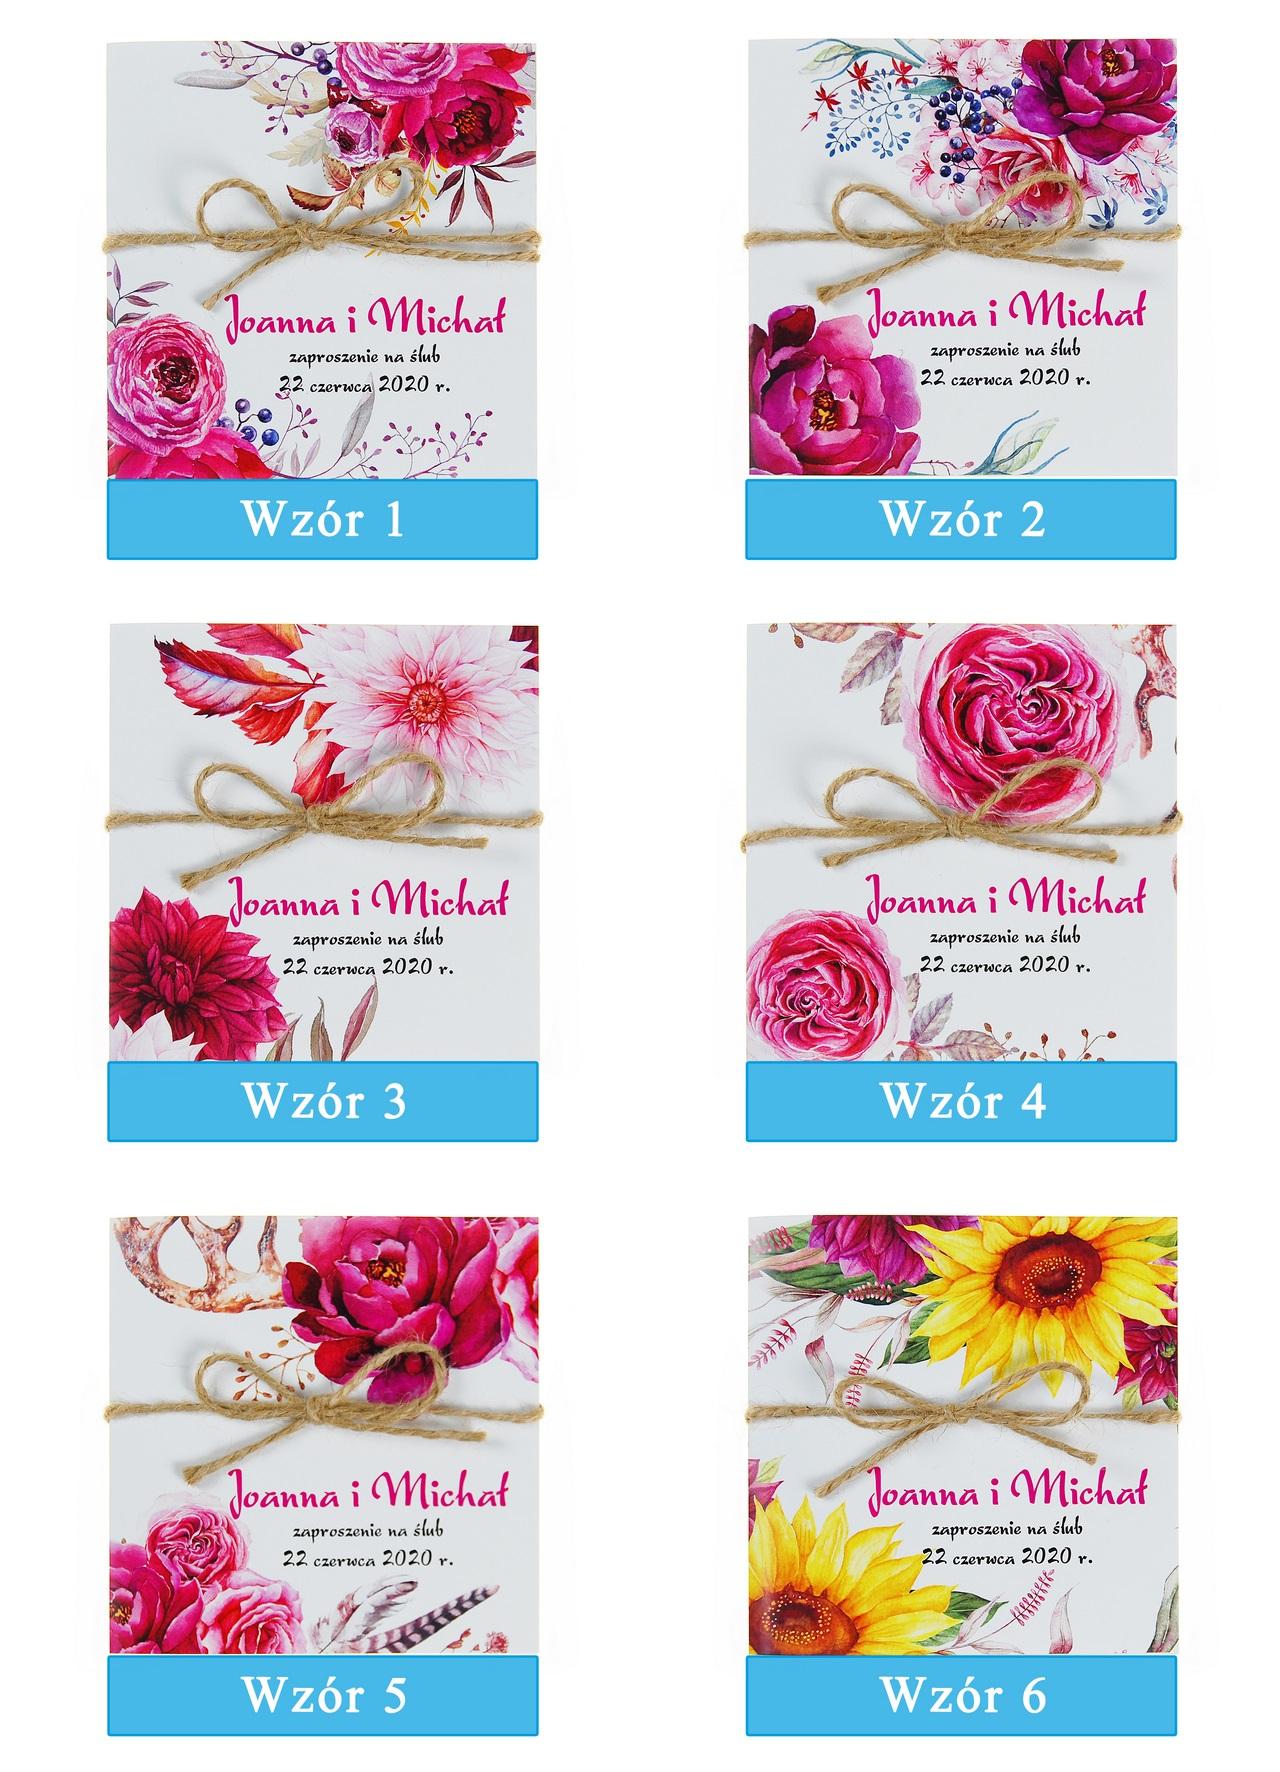 zaproszenia-ślubne-boho-kwiatowe-rustykalne-ze-sznurkiem-Tamara-plansza-wzory1-6